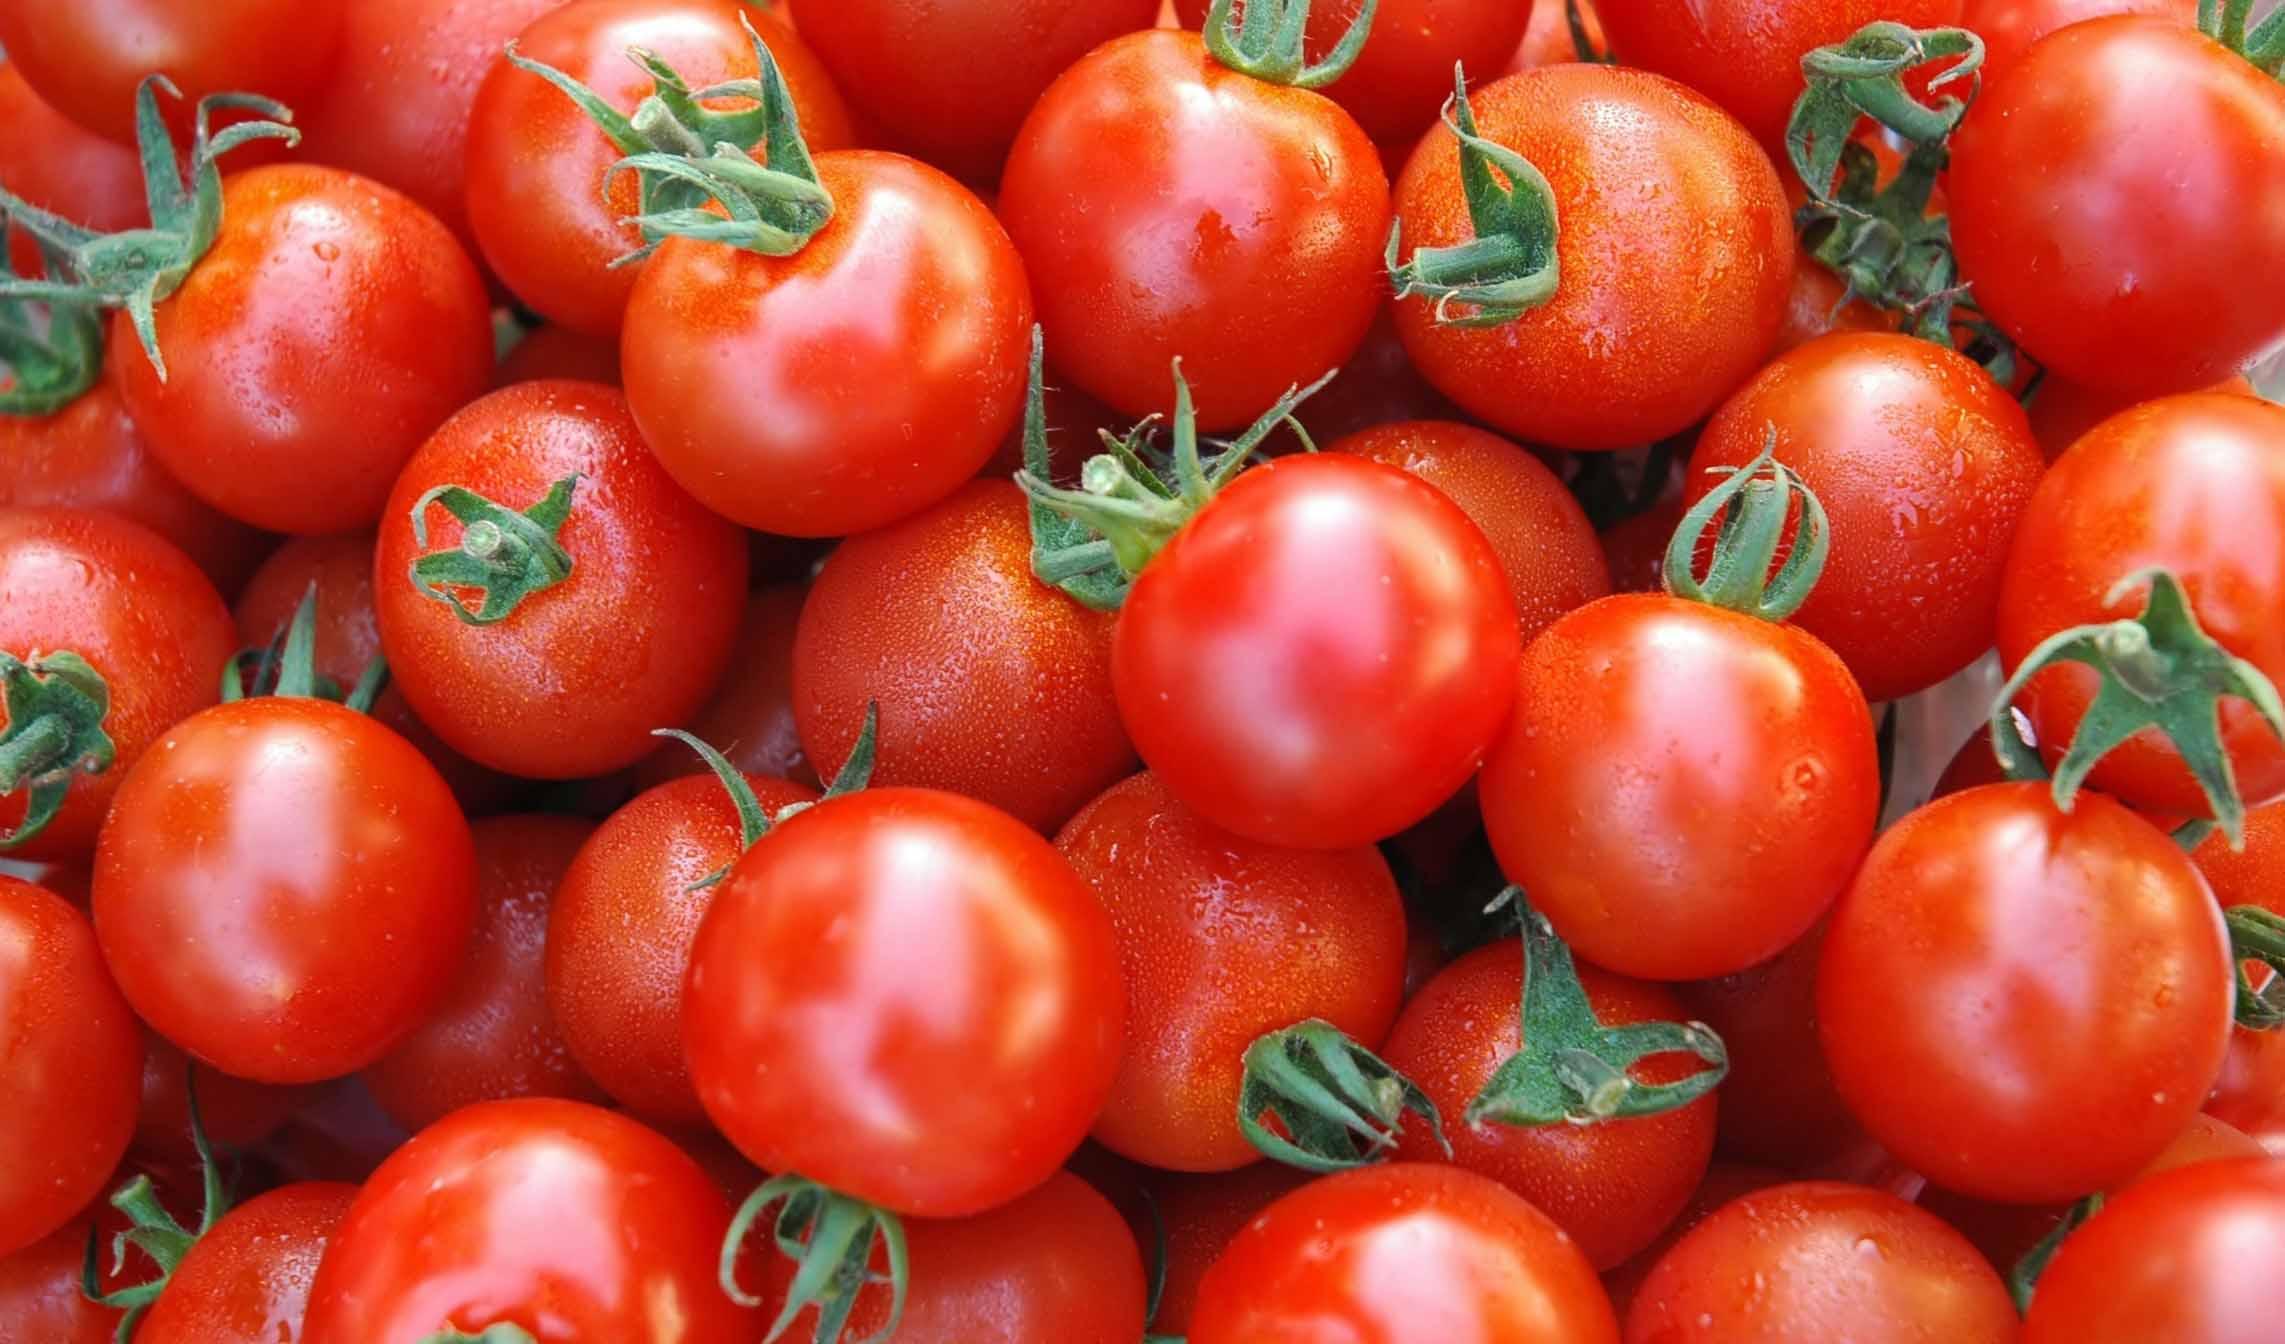 تسویه صددرصدی مطالبات گوجهکاران